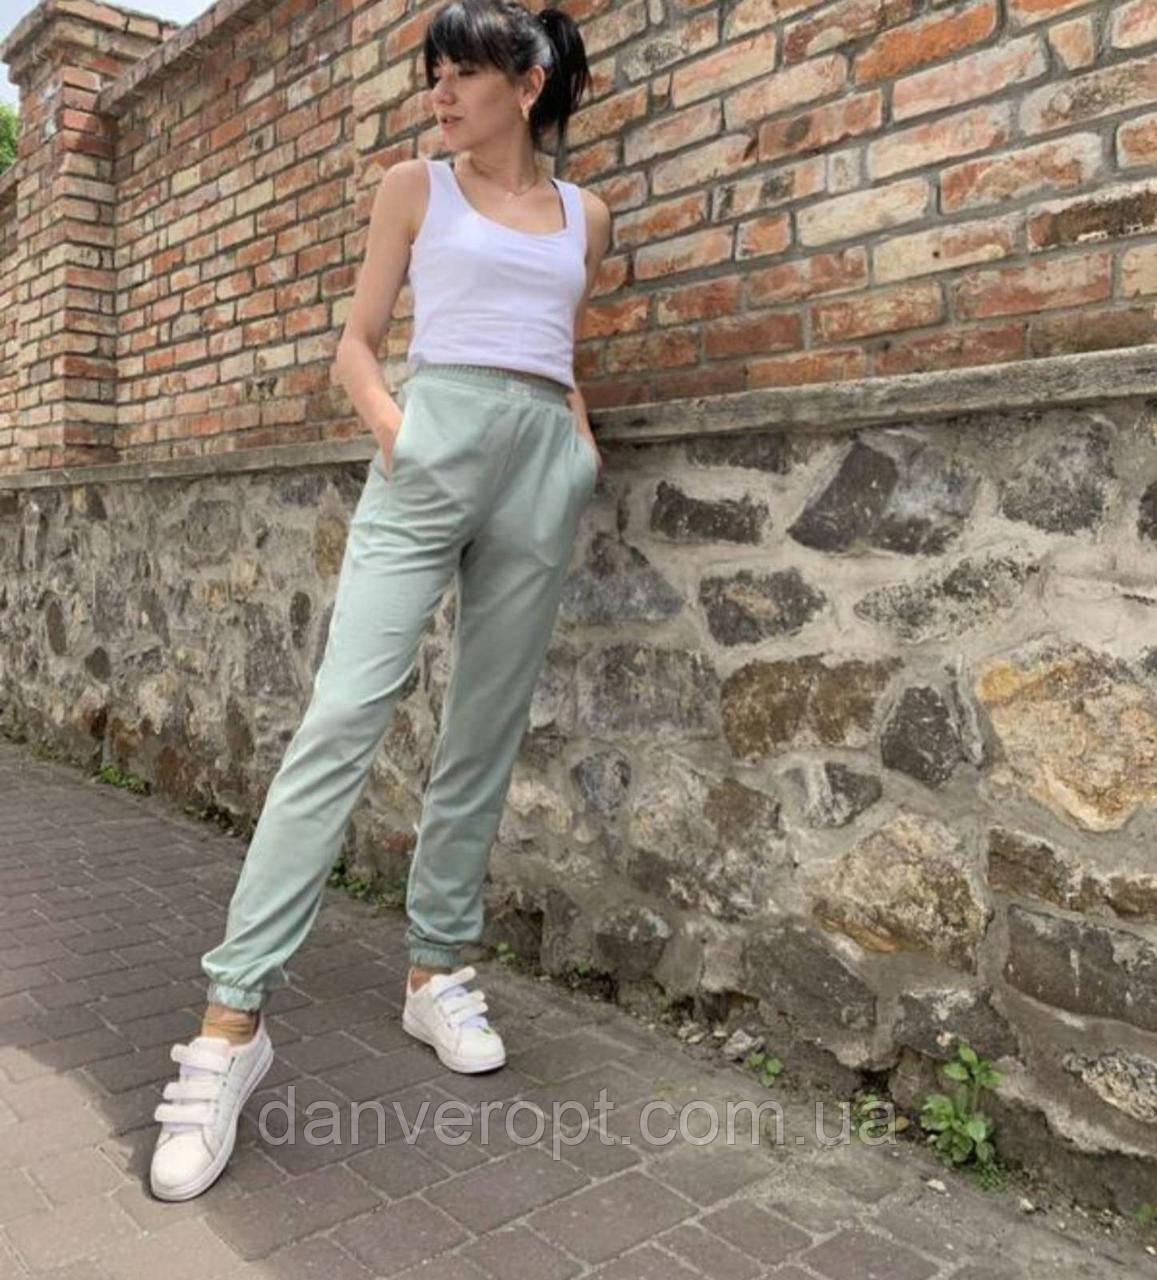 Спортивные штаны джоггеры женские модные размер 42-48 купить оптом со склада 7км Одесса